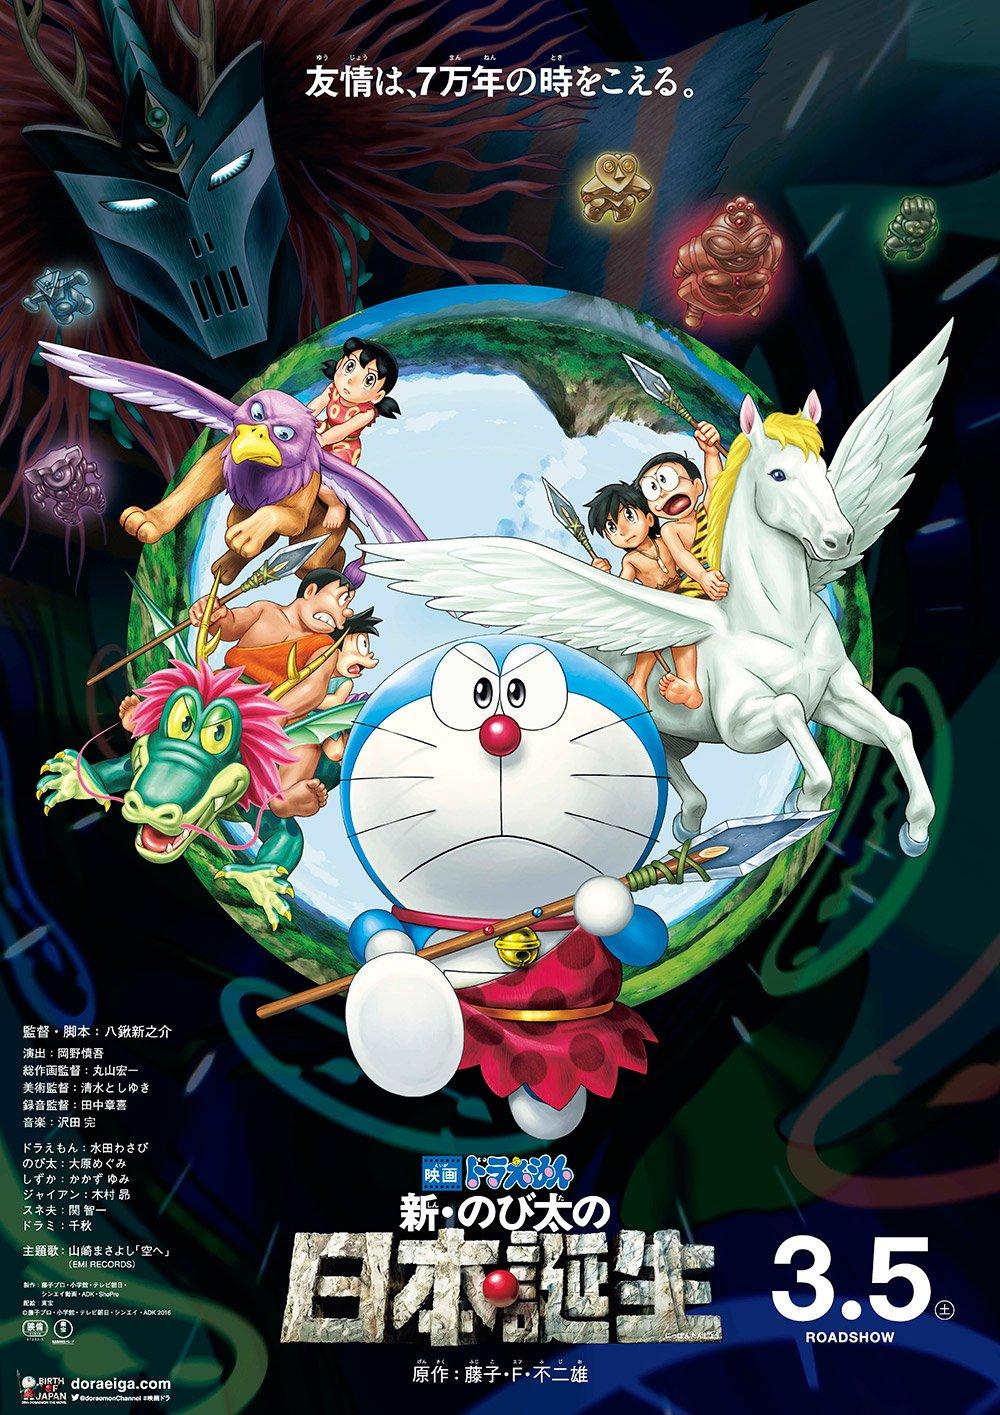 Xem Phim Doraemon Nước Nhật Thời Nguyên Thủy 2016